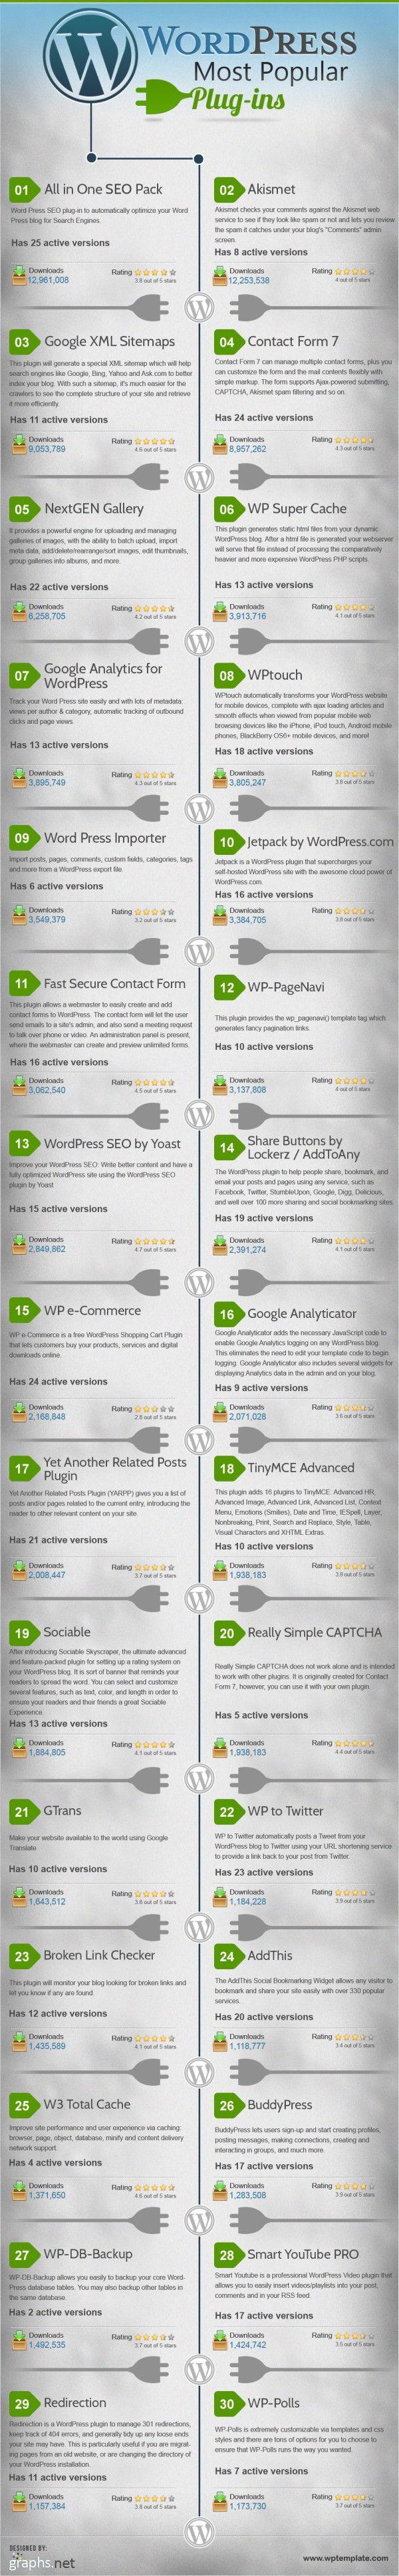 WordPress Most Popular Plug-ins